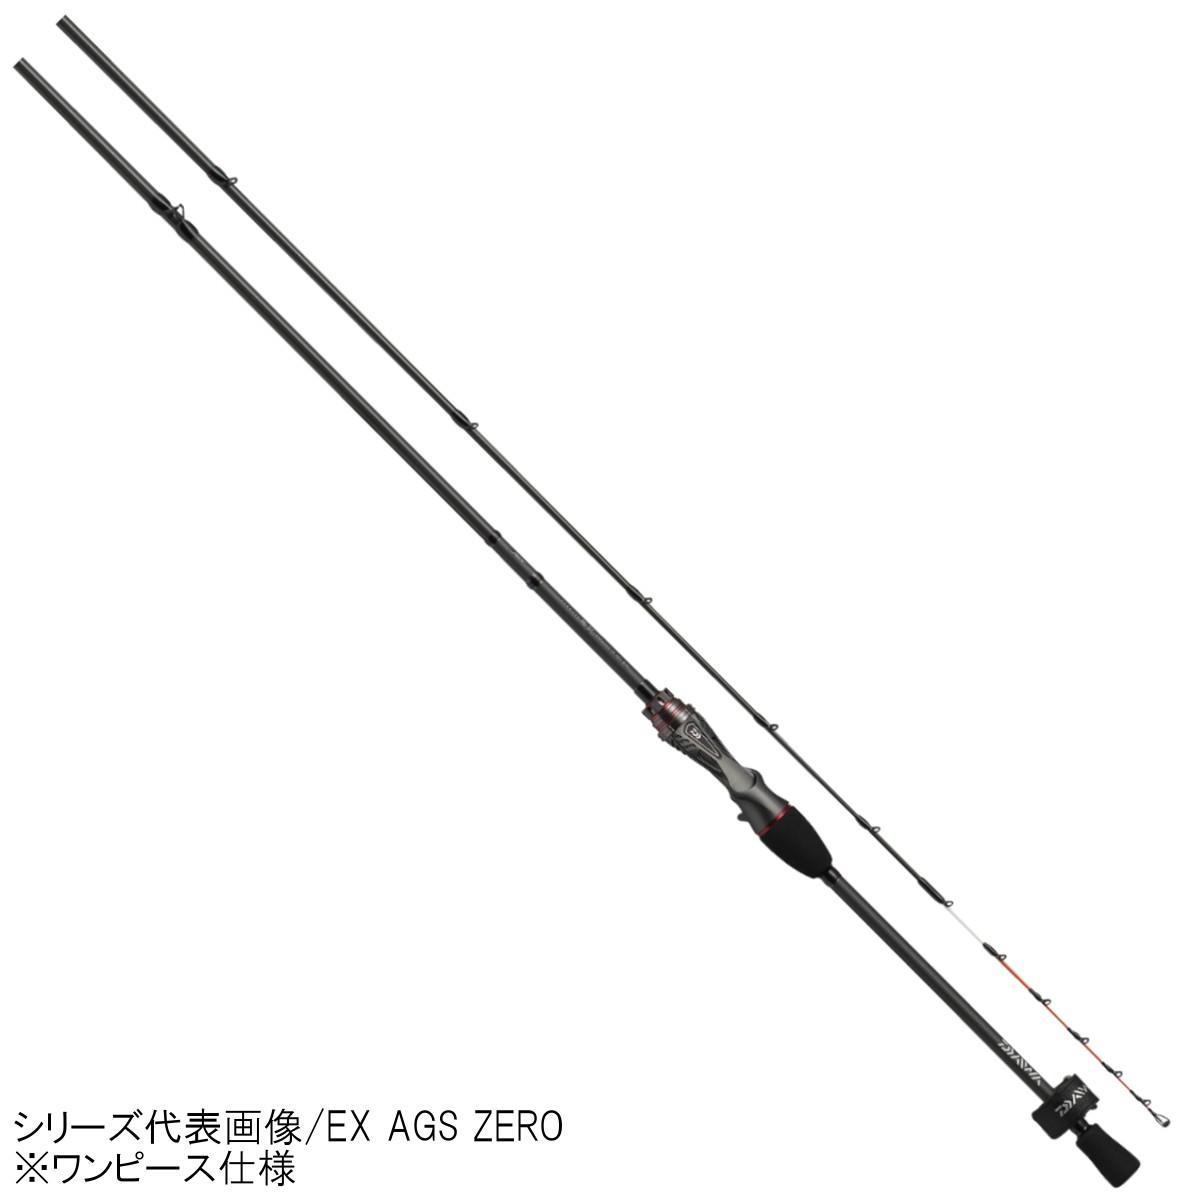 ダイワ 極鋭カワハギ EX AGS F1【大型商品】